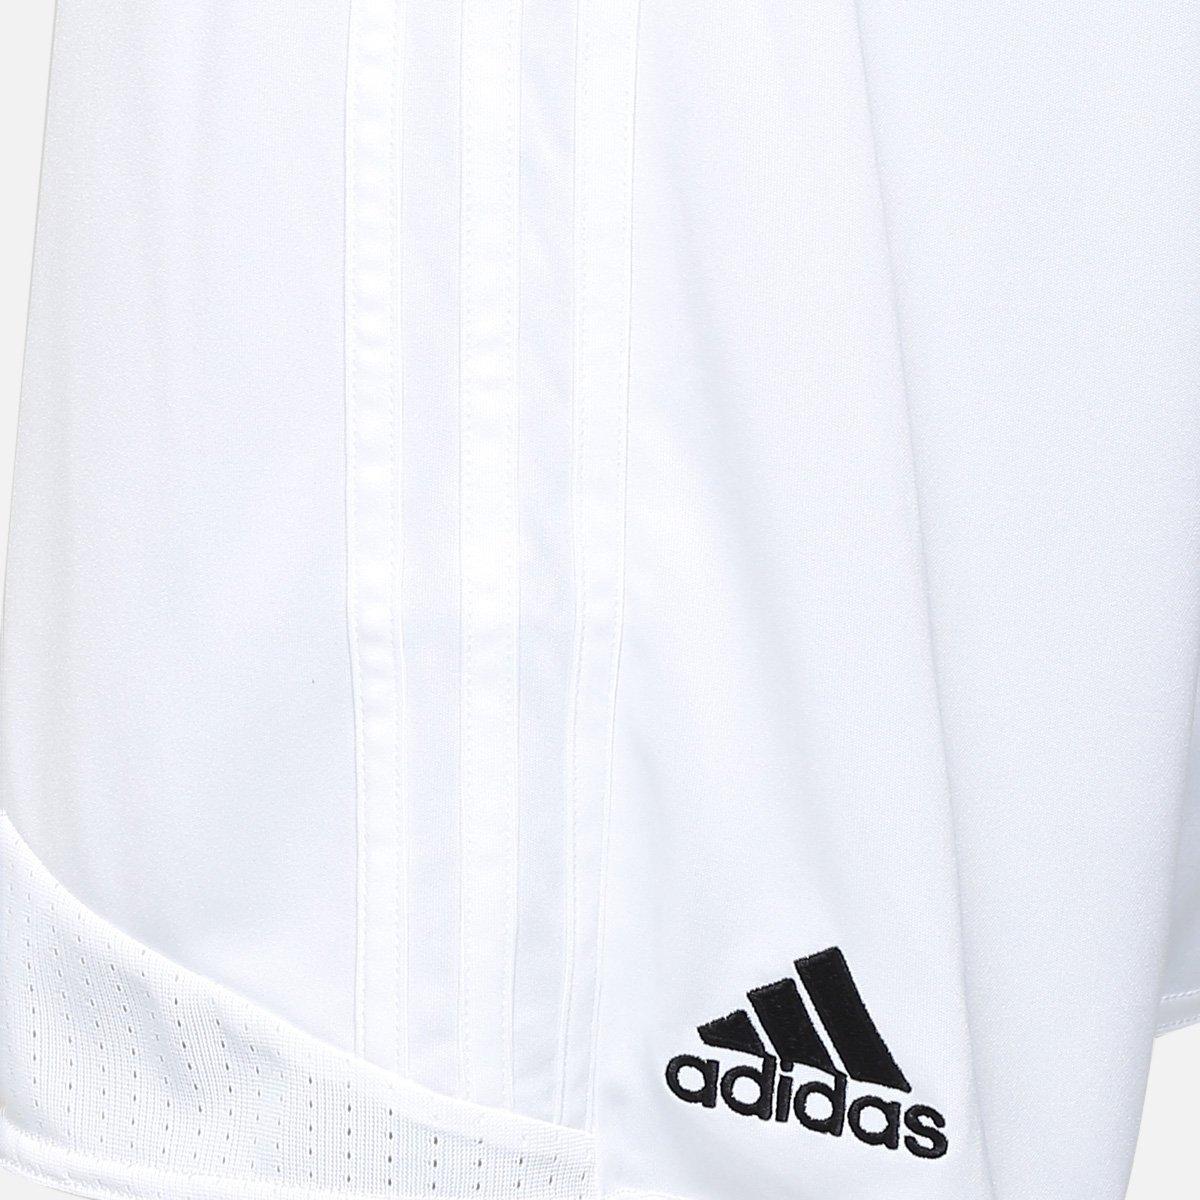 Calção Adidas Regista 16 Masculino - Branco - Compre Agora  b0ed48c0a9efe